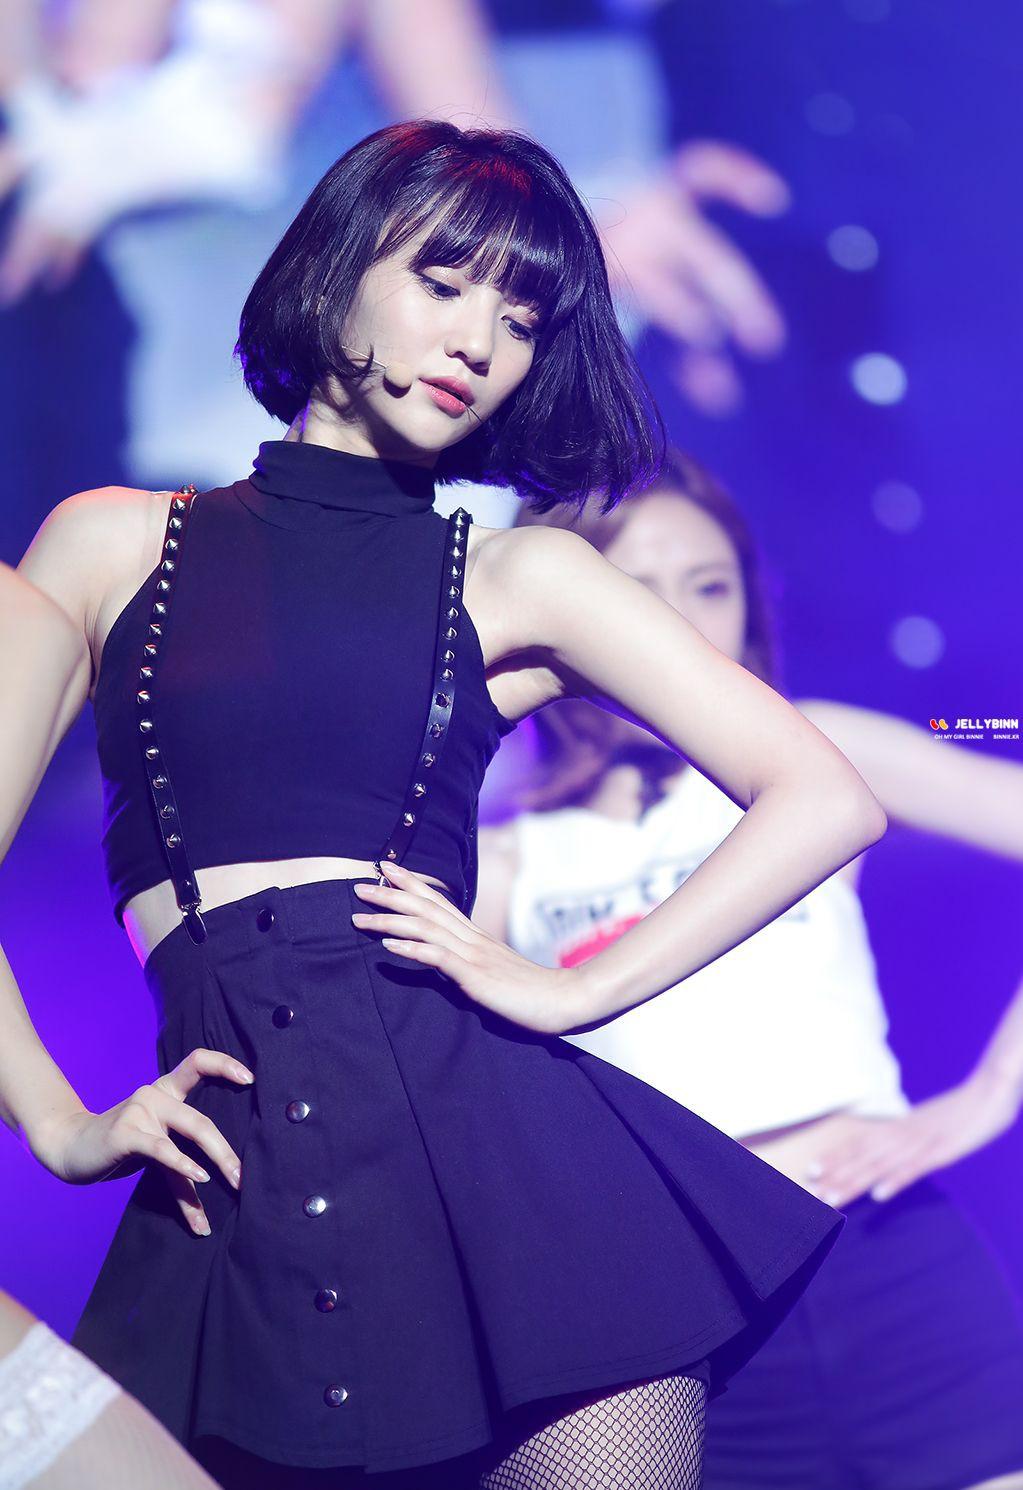 Dáng vóc tương đồng mà style lại y hệt, nữ Idol này ắt kế thừa danh hiệu Nữ hoàng X-line của Yoona - Ảnh 2.